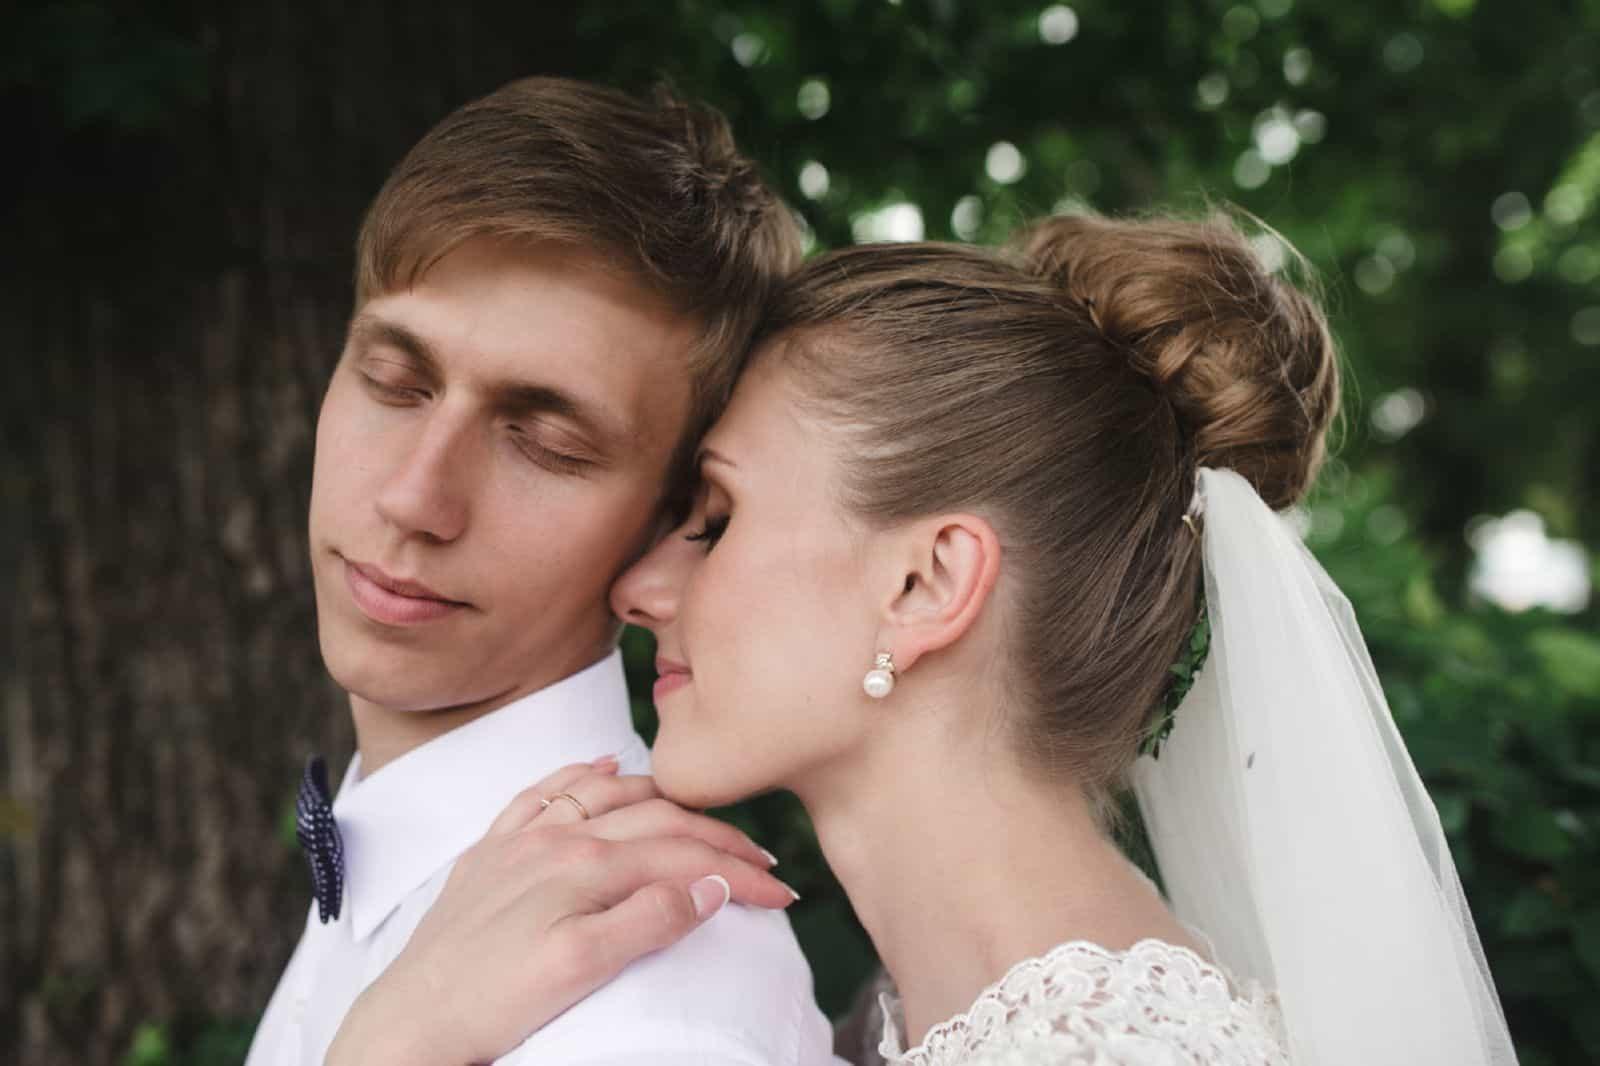 Можно ускорить свадьбу с несовершеннолетней при ее беременности